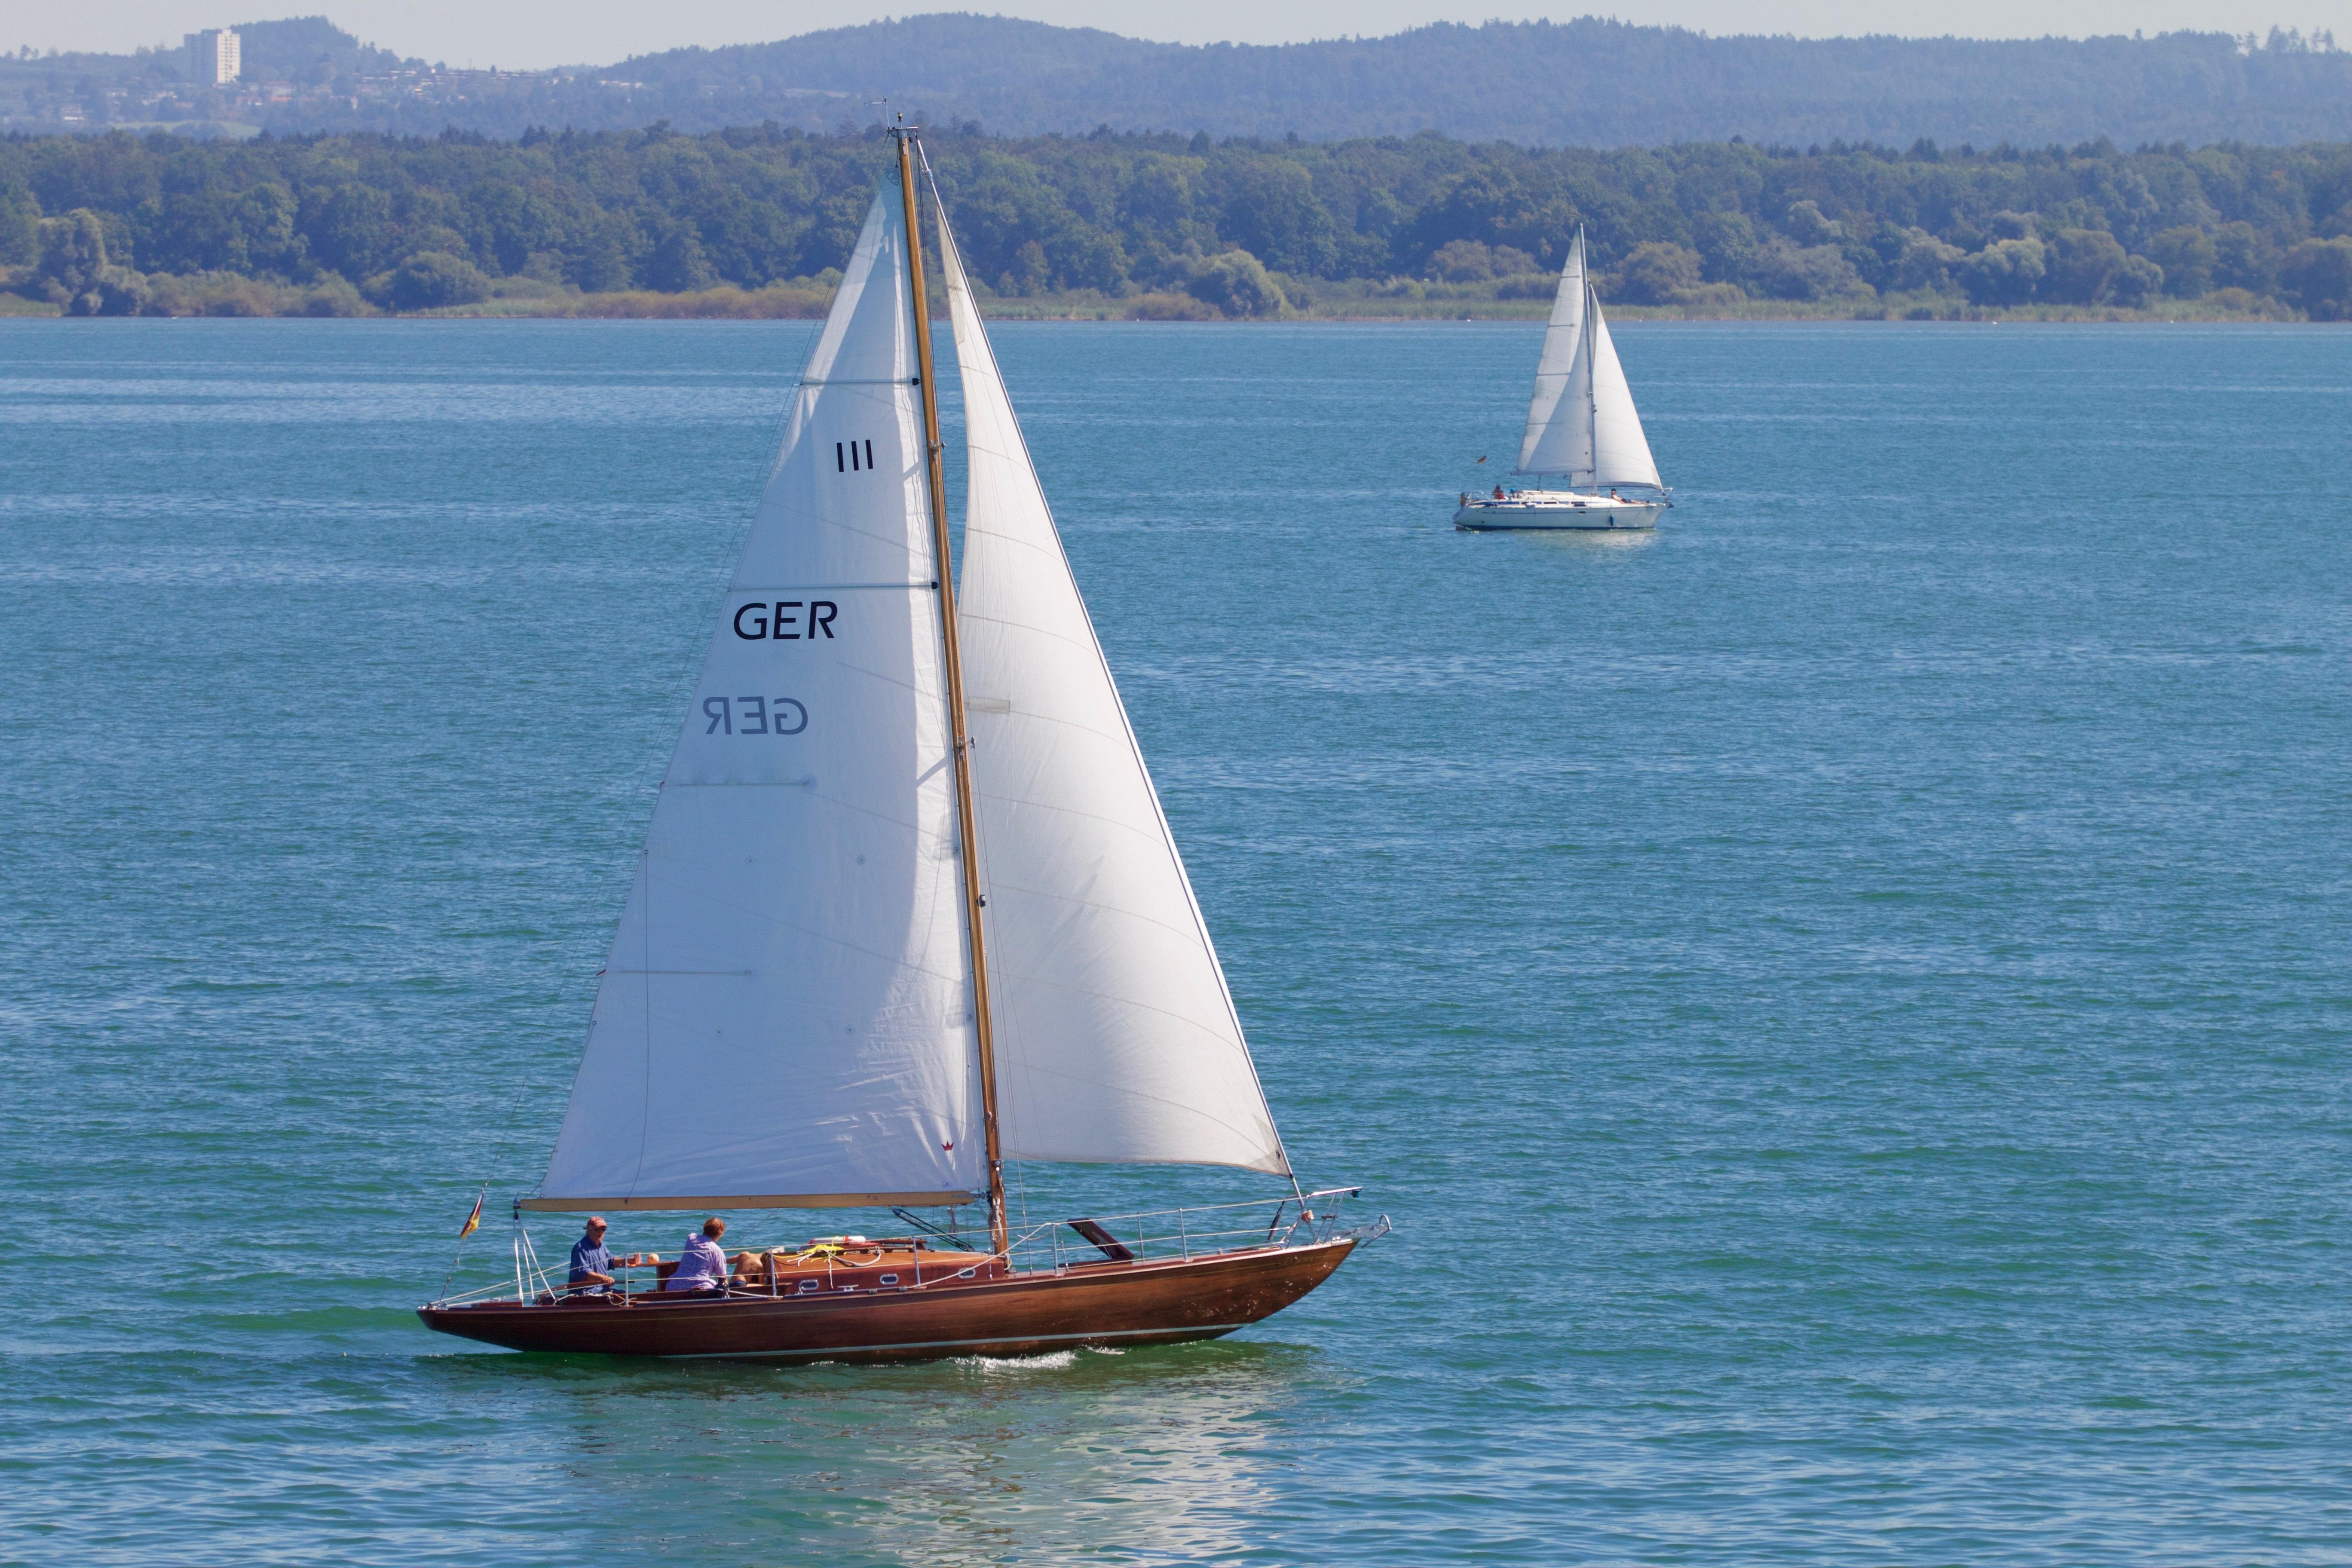 Картинка лодка с парусом на море